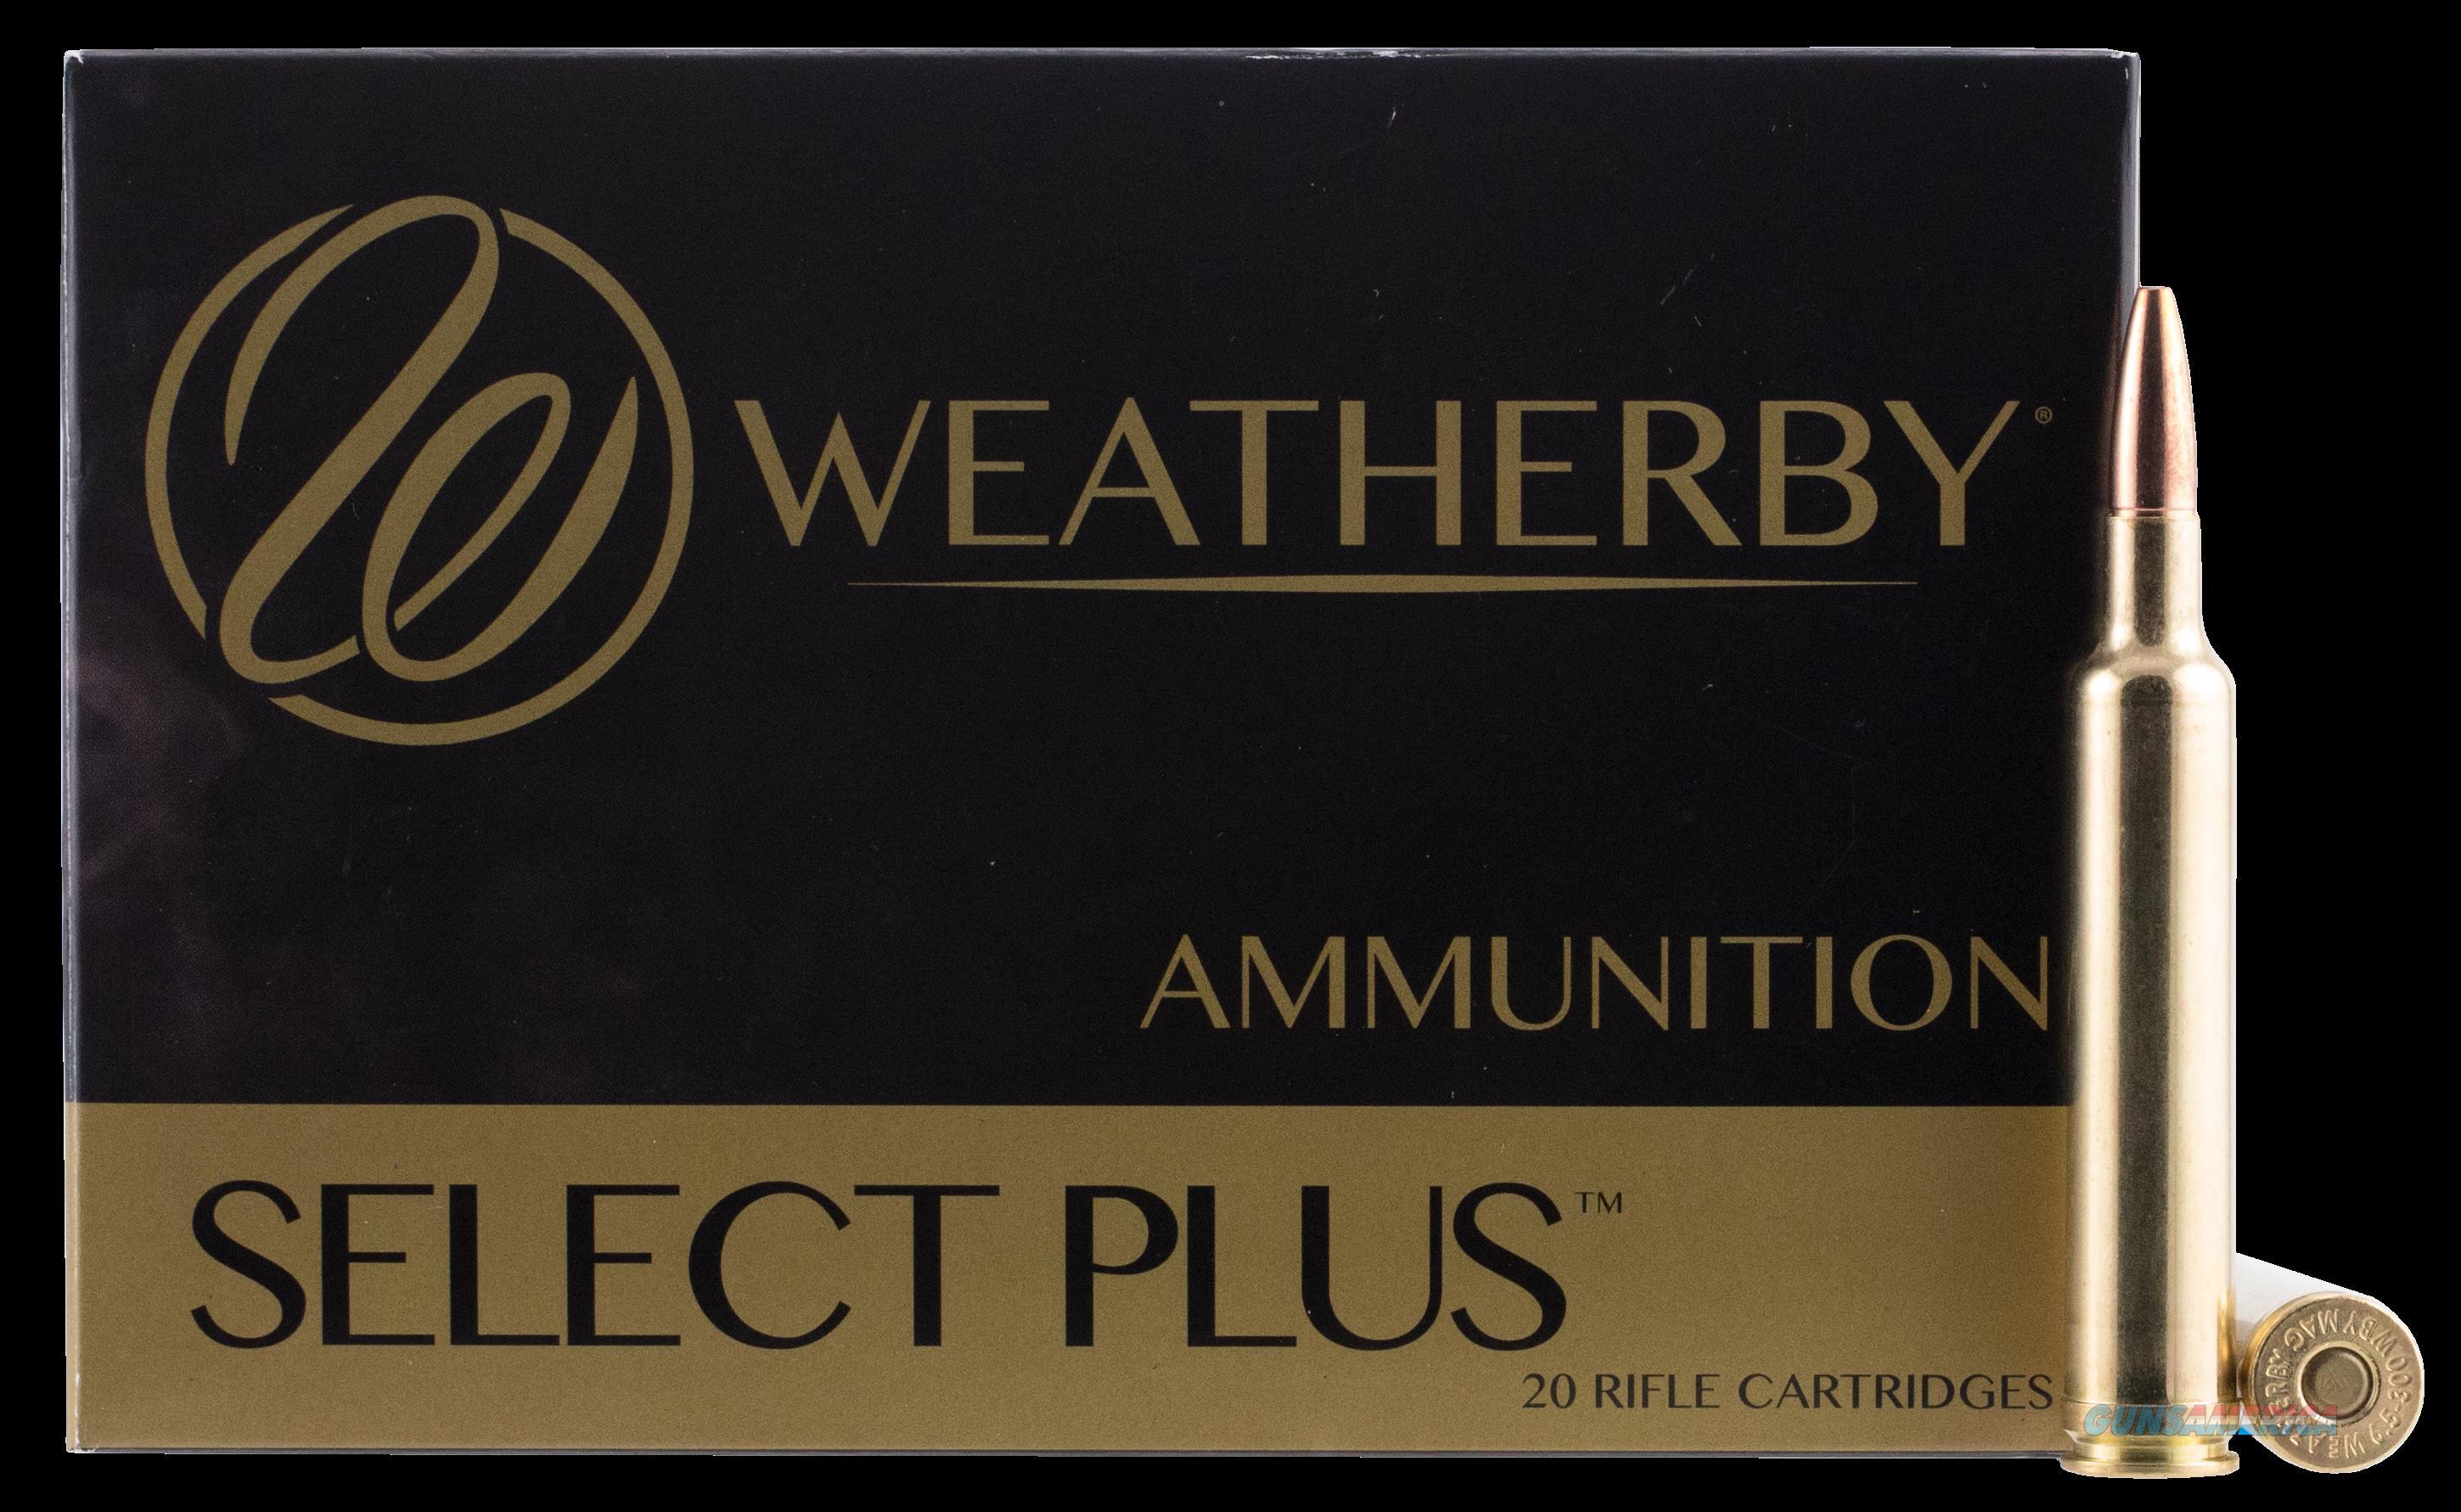 Weatherby Select Plus, Wthby B65rpm127lrx 6.5wby Rpm 127 Barnes Lrx 20-10  Guns > Pistols > 1911 Pistol Copies (non-Colt)